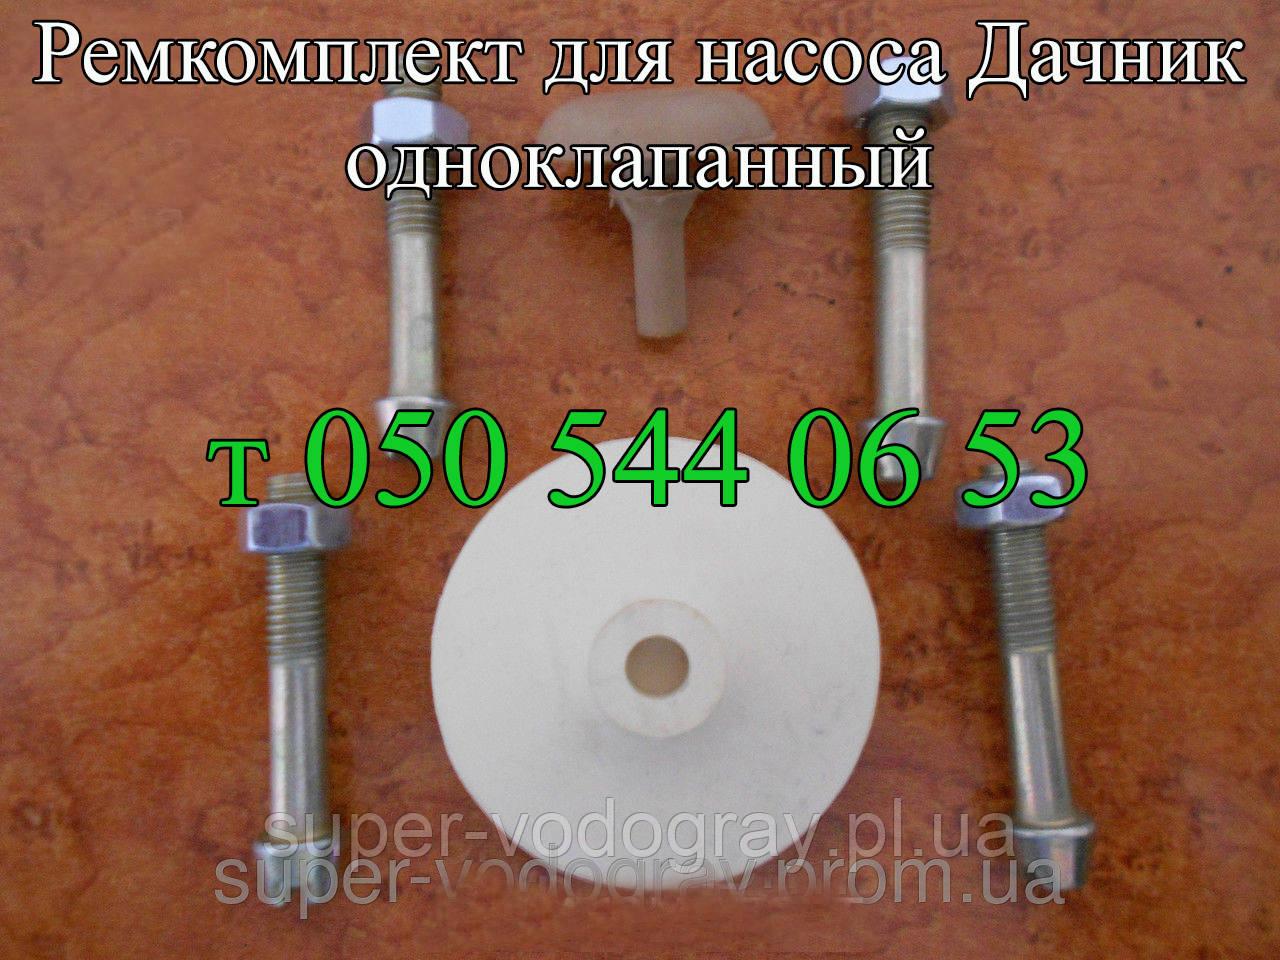 Ремкомплект для насоса Дачник (одноклапанный)